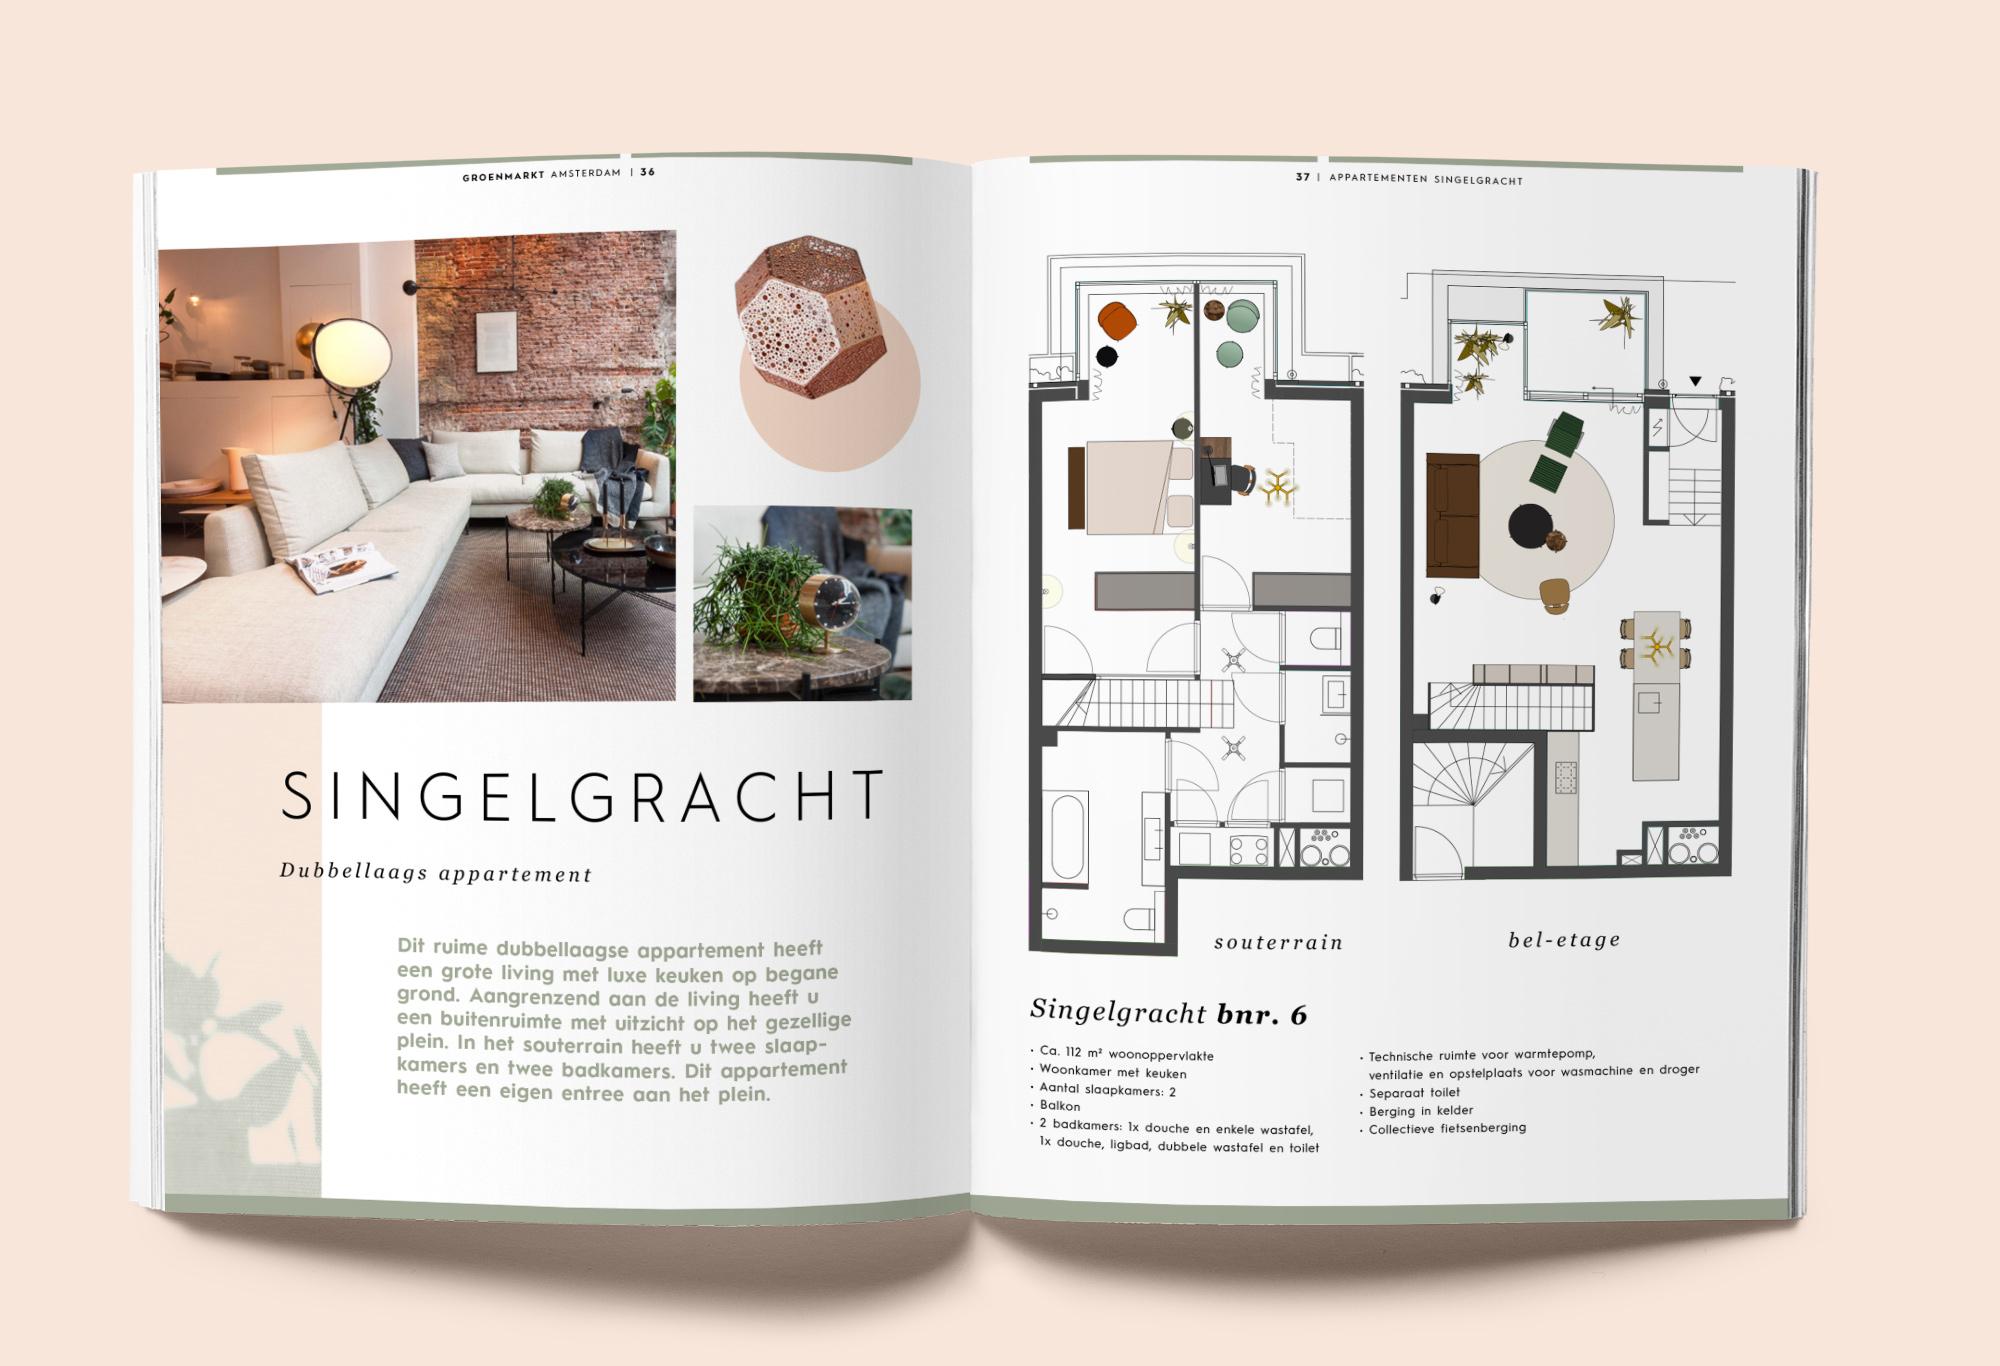 Groenmarkt_brochure5.jpg